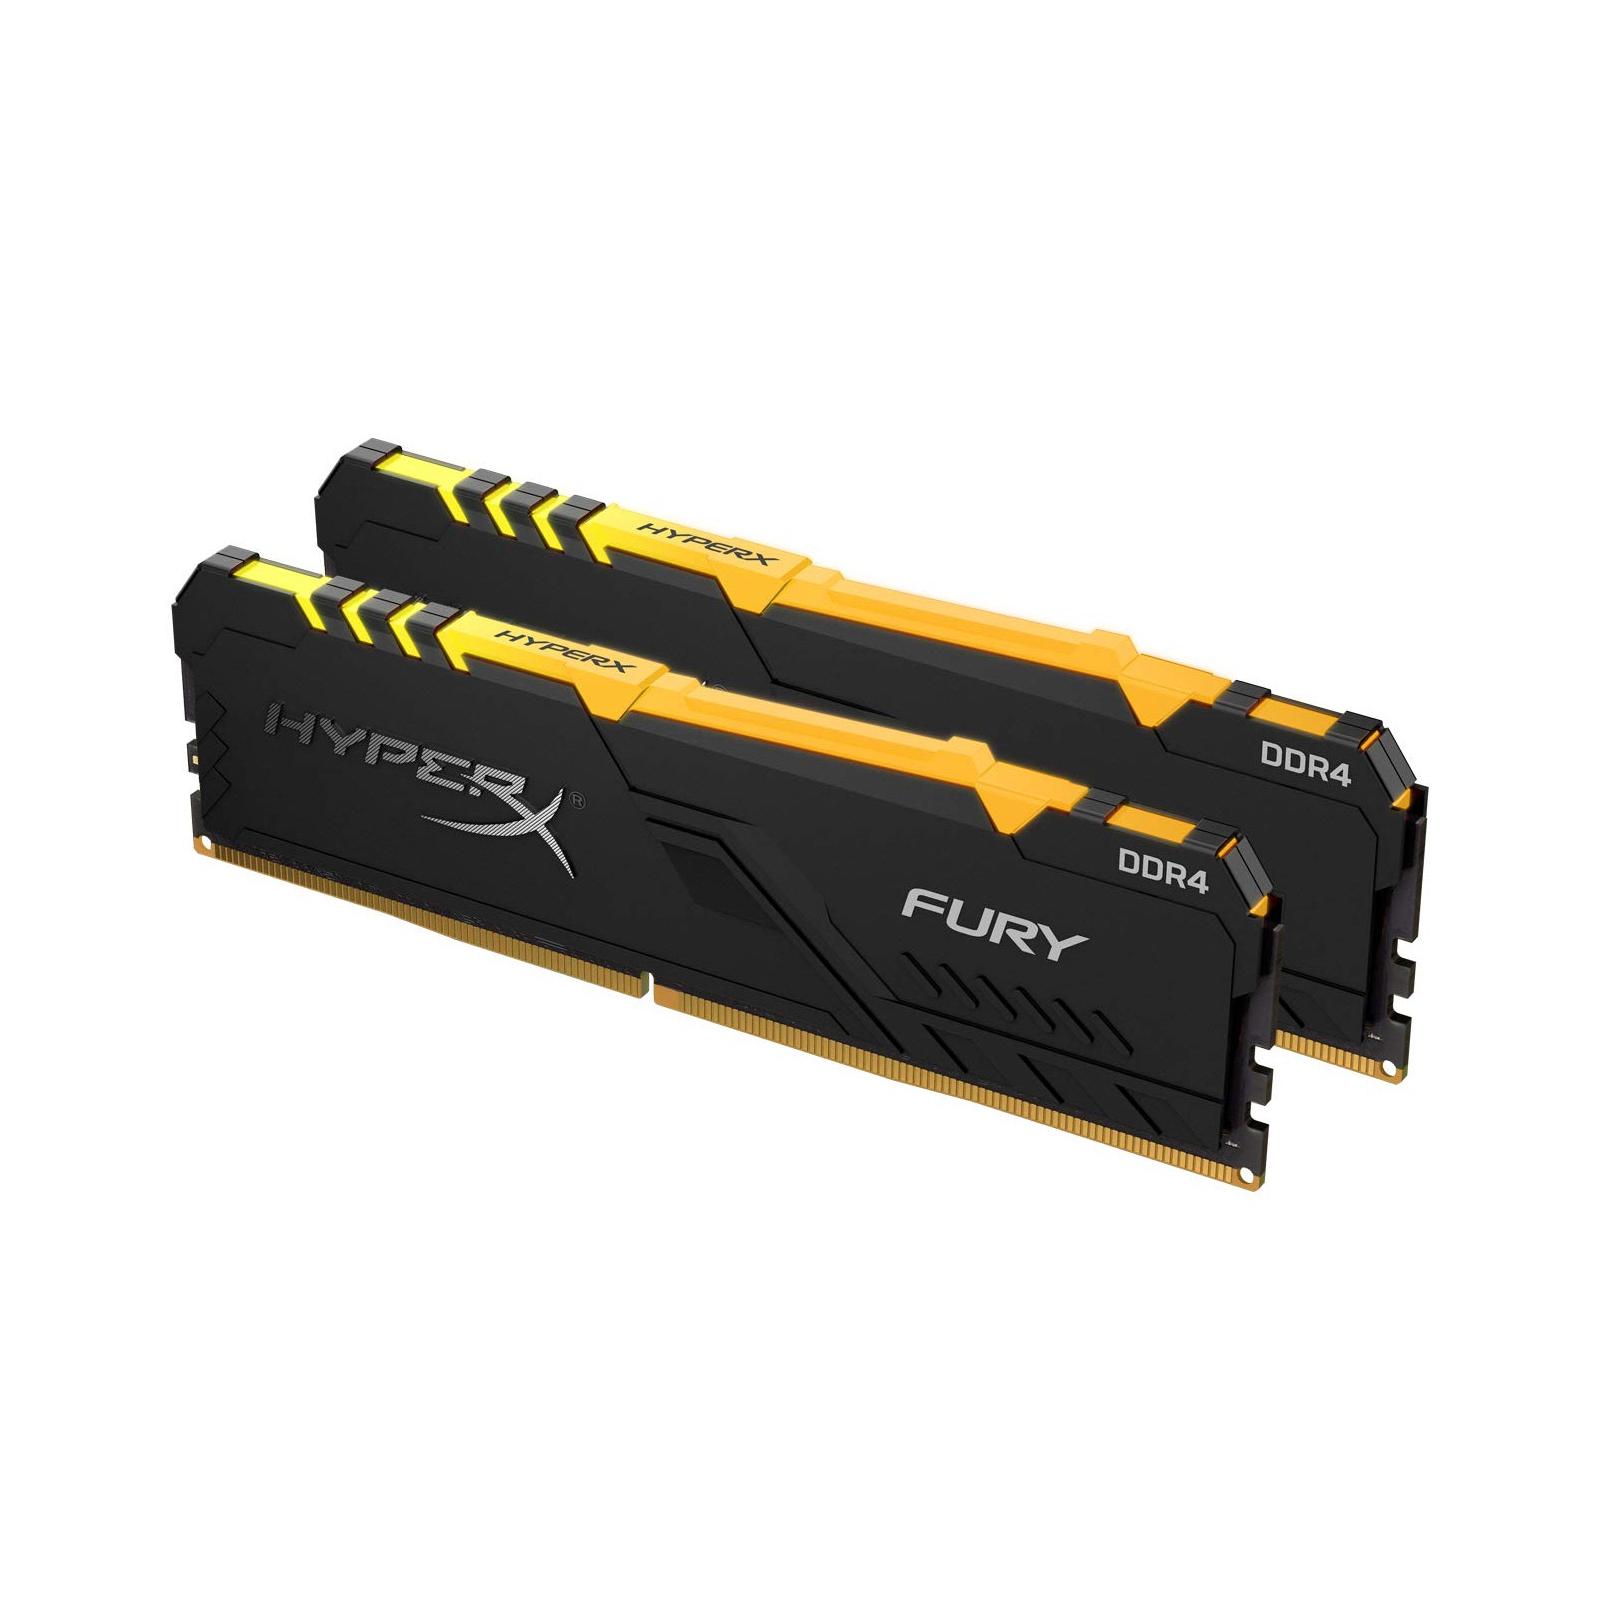 Модуль пам'яті для комп'ютера DDR4 16GB (2x8GB) 3600 MHz HyperX Fury RGB Kingston (HX436C17FB3AK2/16) зображення 2